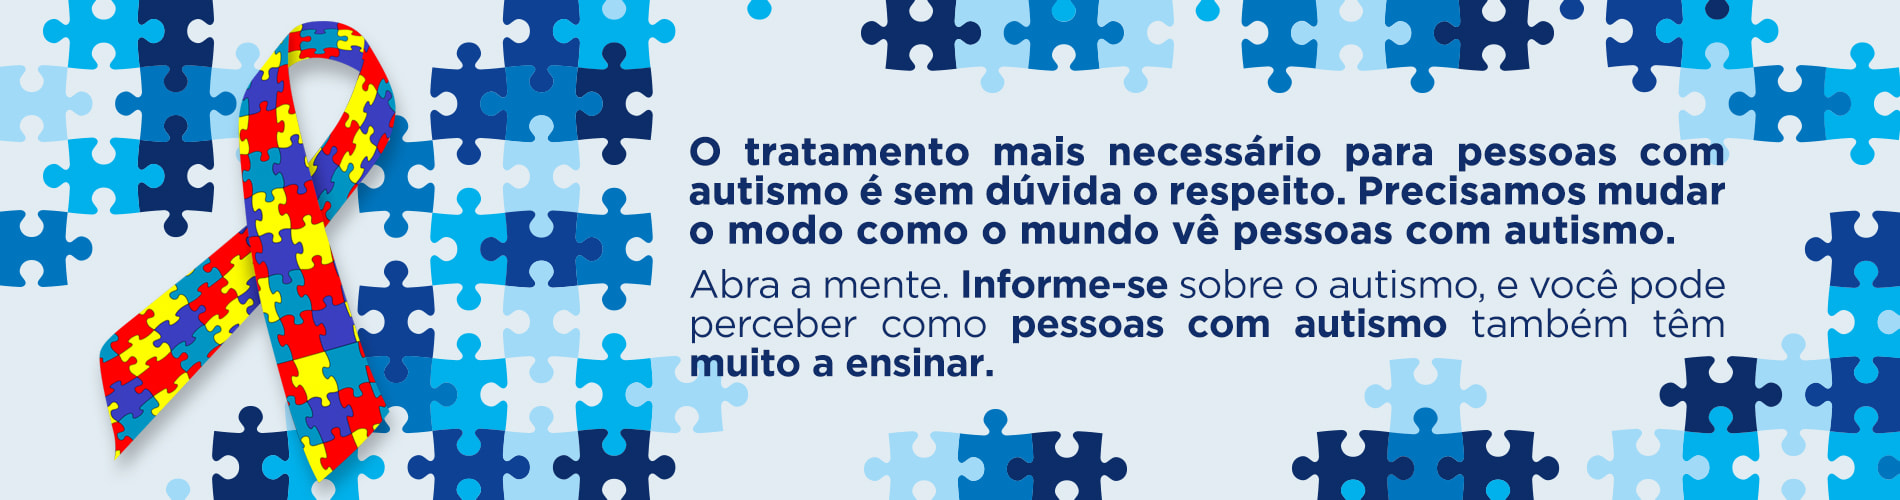 Dia Mundial de Conscientização do Autismo - Inspirados pelo Autismo